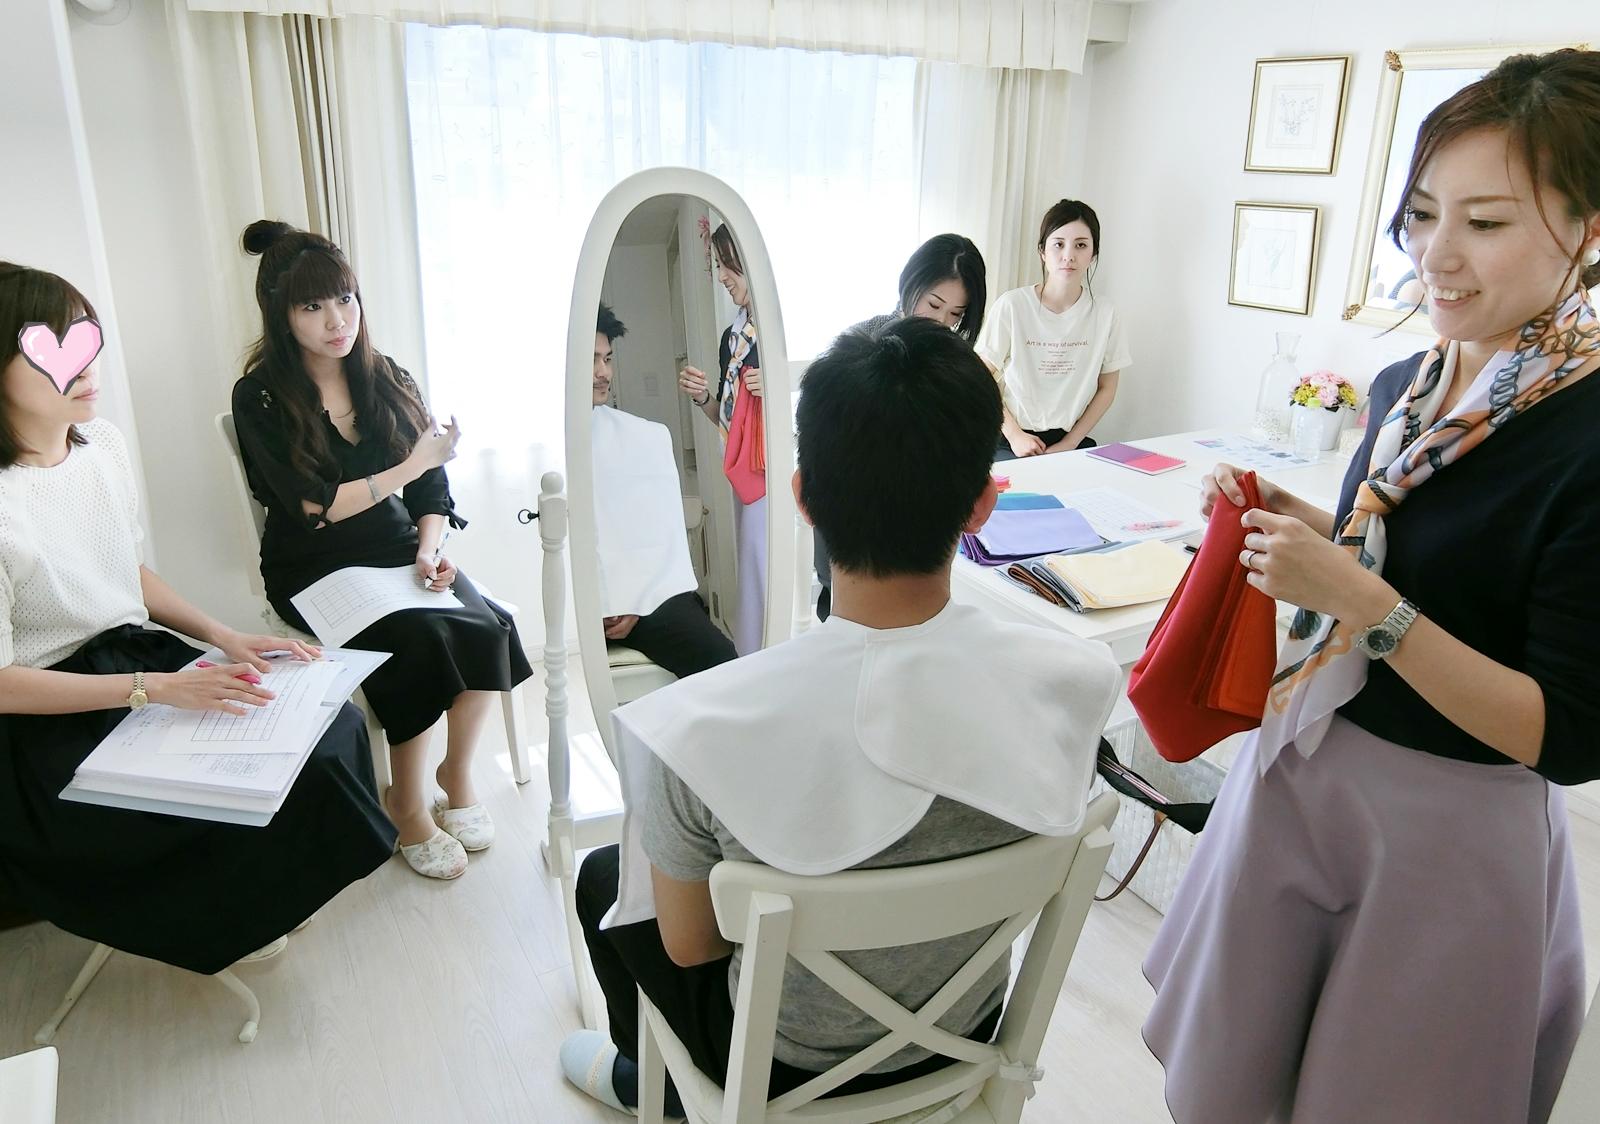 キャリア20年の現役カラリスト海保麻里子が直接指導!仕事になるためのスキルを学べる!東京・青山のパーソナルカラー&メイクアップスクール サロン・ド・ルミエール